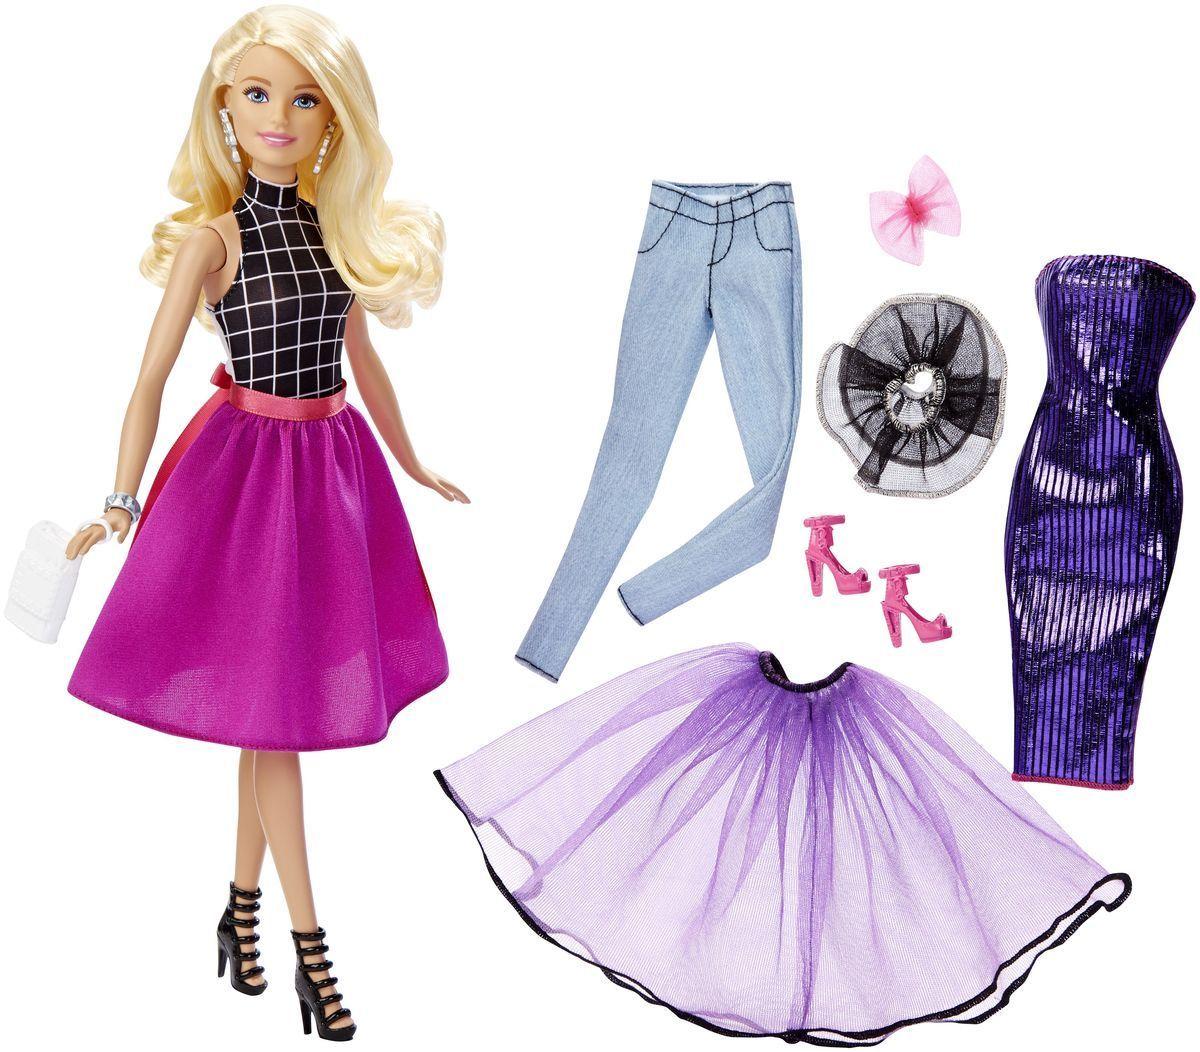 Barbie Кукла Подбирай наряды цвет одежды фиолетовый сиреневыйDJW57_DJW58Кукла Barbie Подбирай наряды (Fashion Mixn Match) - это бескрайние возможности для придумывания захватывающих историй! Всего несколько украшений позволяют создать больше 20 образов! На Барби надеты майка с принтом, юбка (она же накидка), туфли, браслет, клатч и серьги. Не нравится? Переоденьте ее! Имеется много дополнительной одежды, дневной и ночной, повседневной и парадной: джинсы, платье с блестками, легкие верхние юбки. У куклы на голове бант, кружевной воротник и запасная обувь. В наборе - кукла Барби и предметы одежды: двусторонняя маечка, юбка-накидка, легкая верхняя юбка, брюки, двустороннее платье, воротничок, бант, сумочка, две пары обуви и украшение (браслет или серьги). Ваша малышка придет в восторг от такого подарка, и с удовольствием будет играть с куколкой, которая готова унести ее в мир фантазий: ведь с Барби можно быть кем угодно!